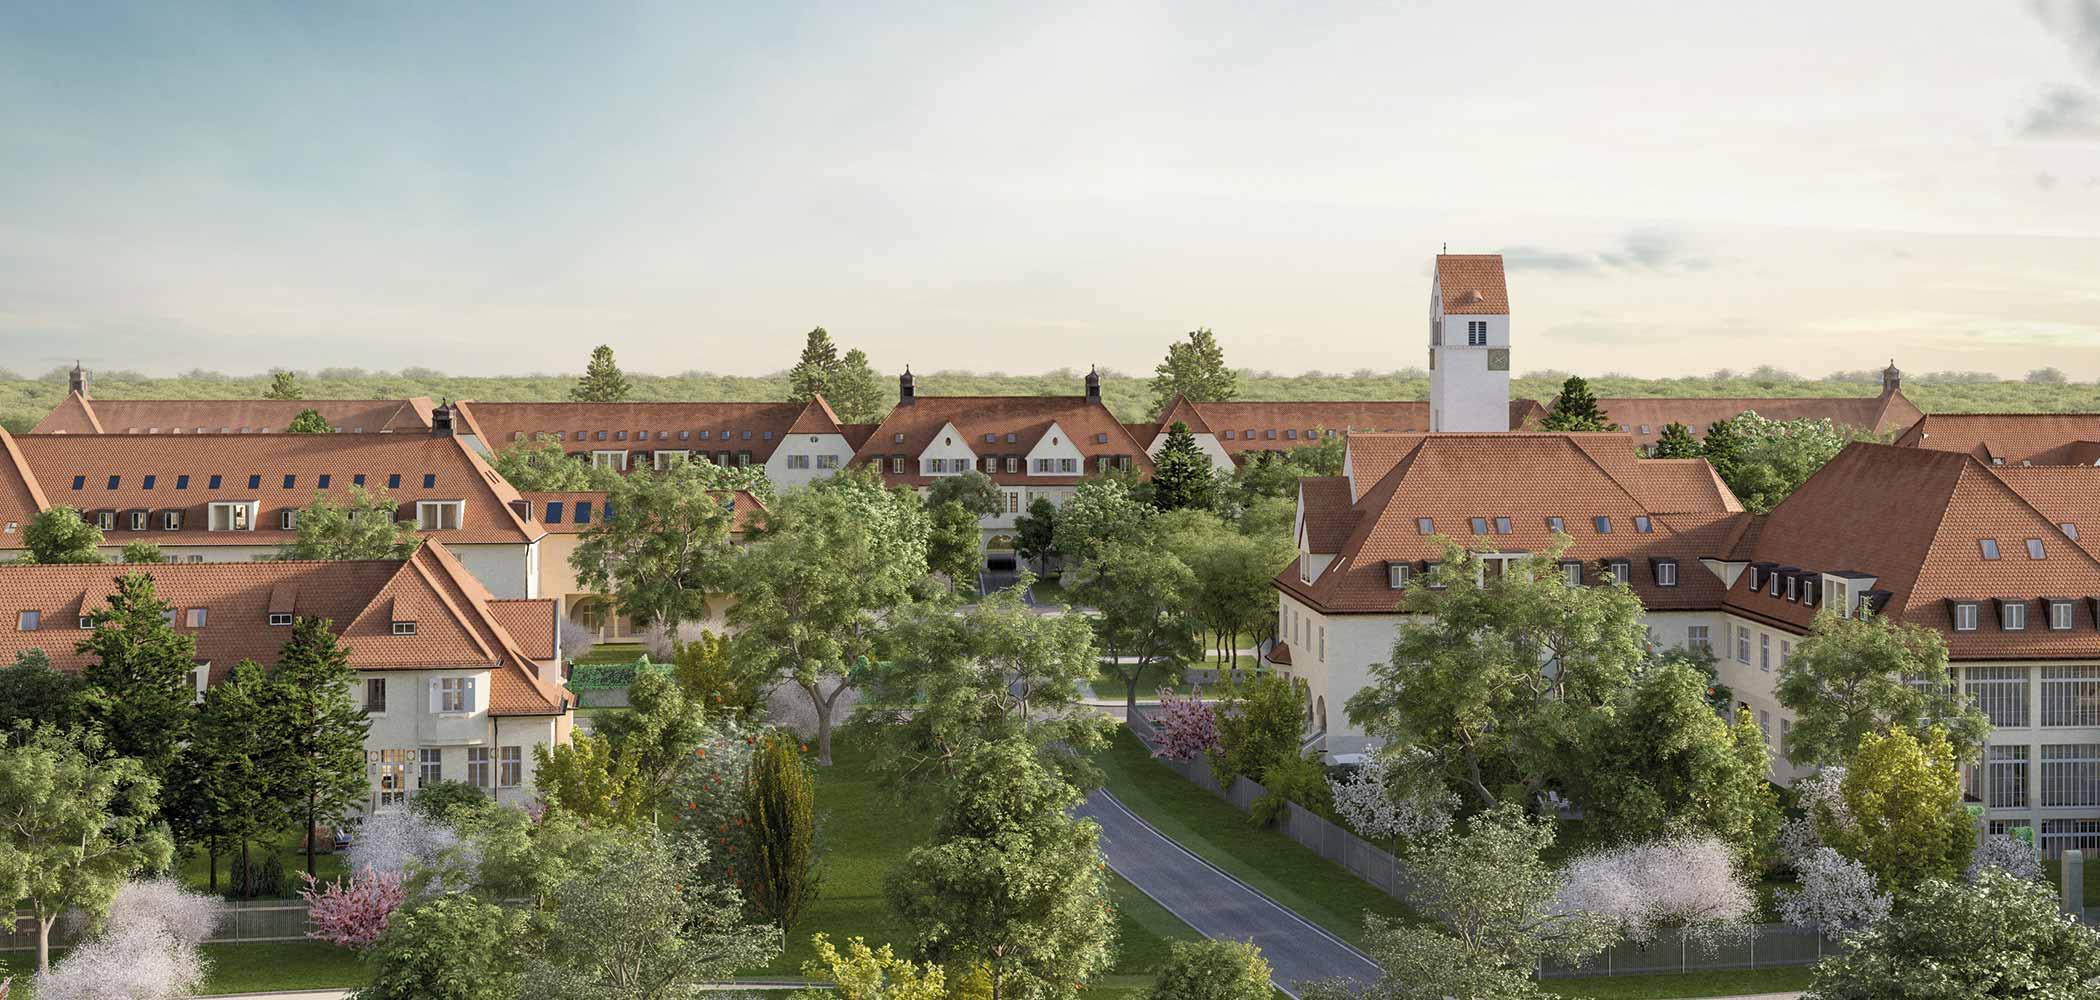 Denkmalimmobilien Quartier 1907 in München-Haar mit modernen Maisonette-Wohnungen., Startseite